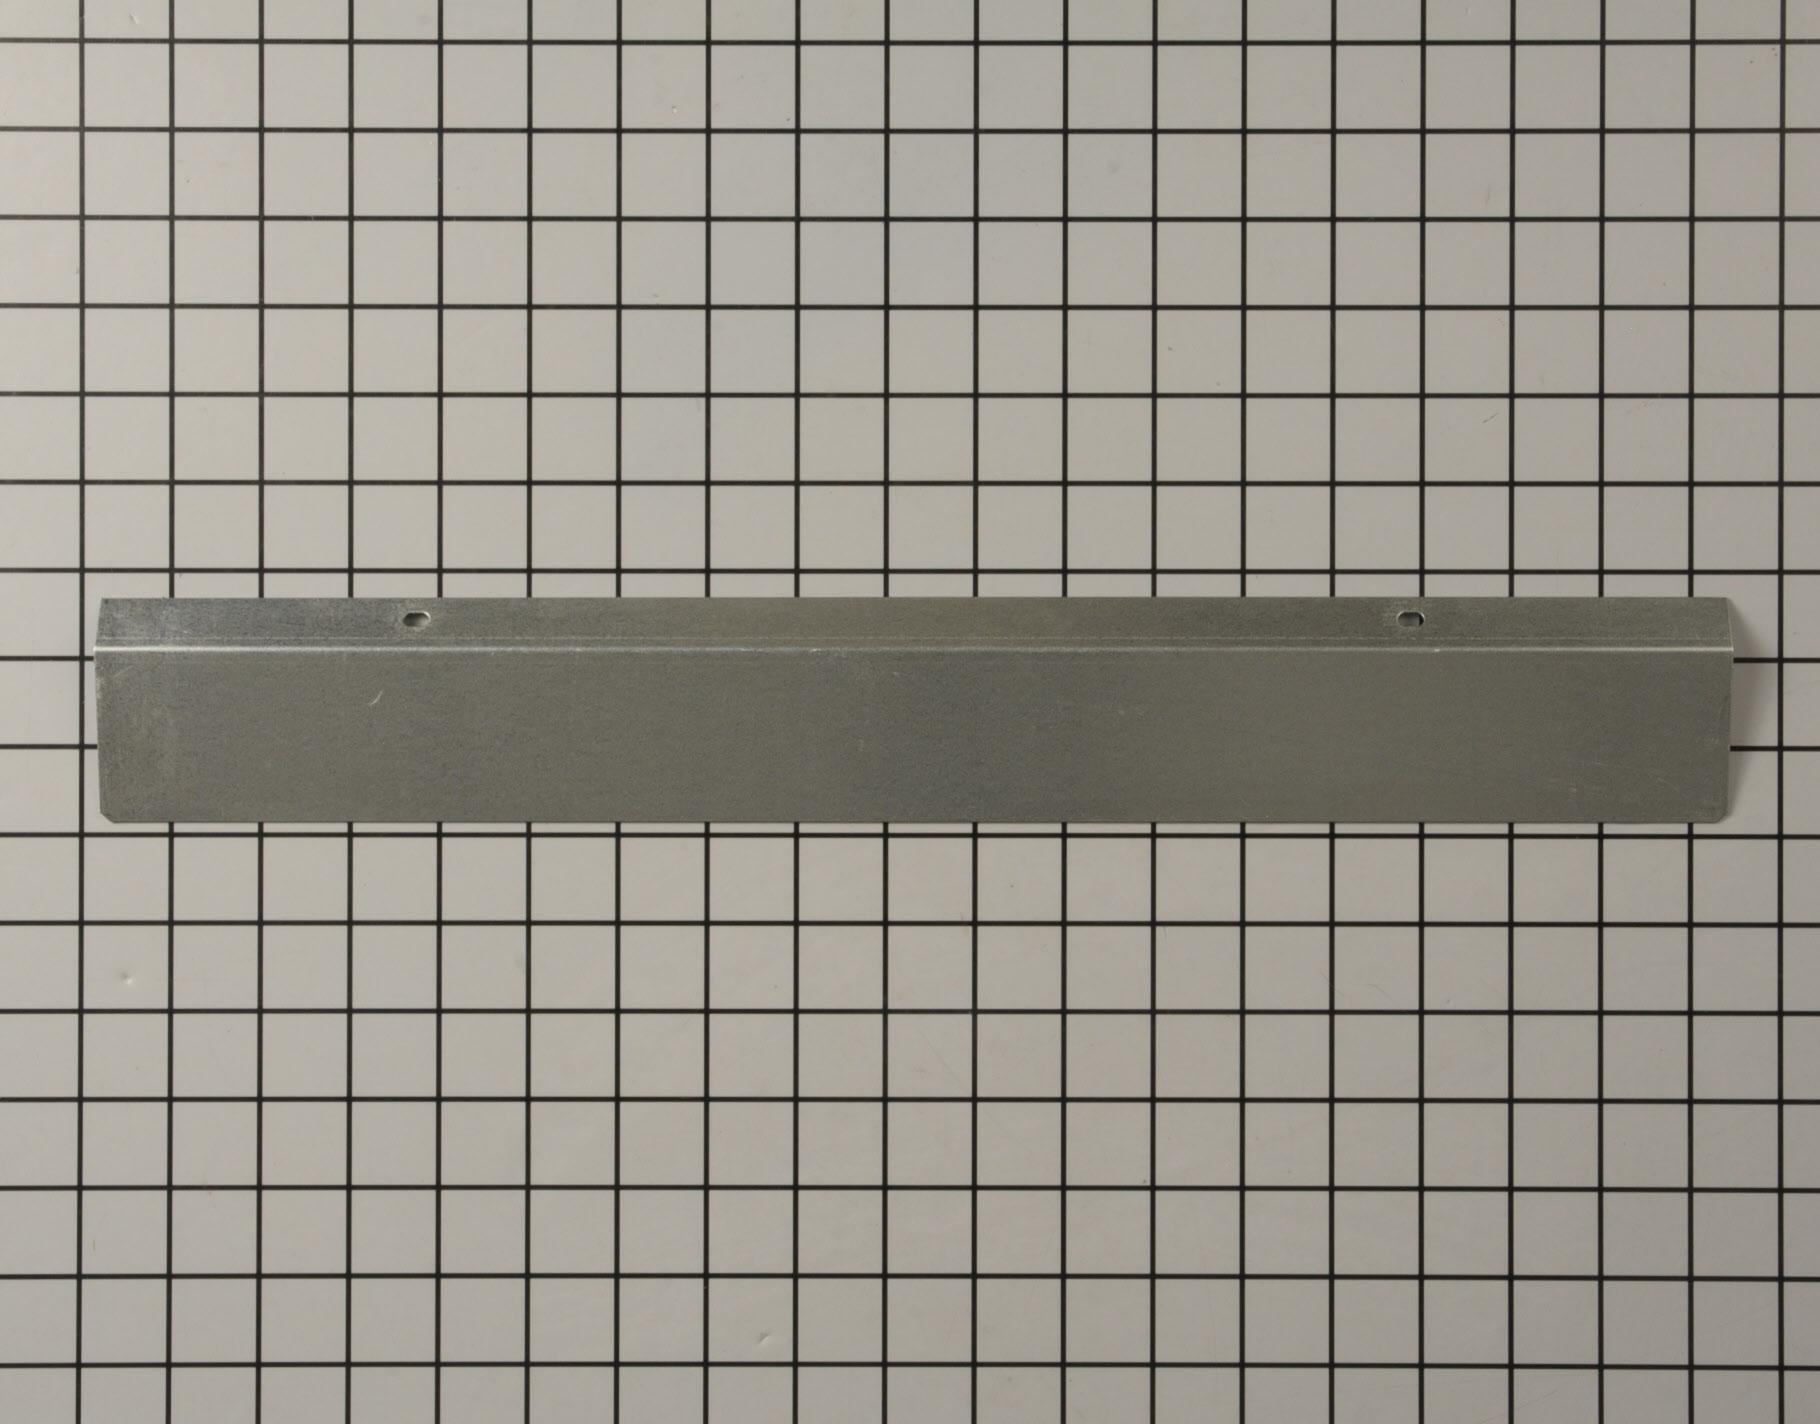 KitchenAid Range/Stove/Oven Part # 9760676 - Vent